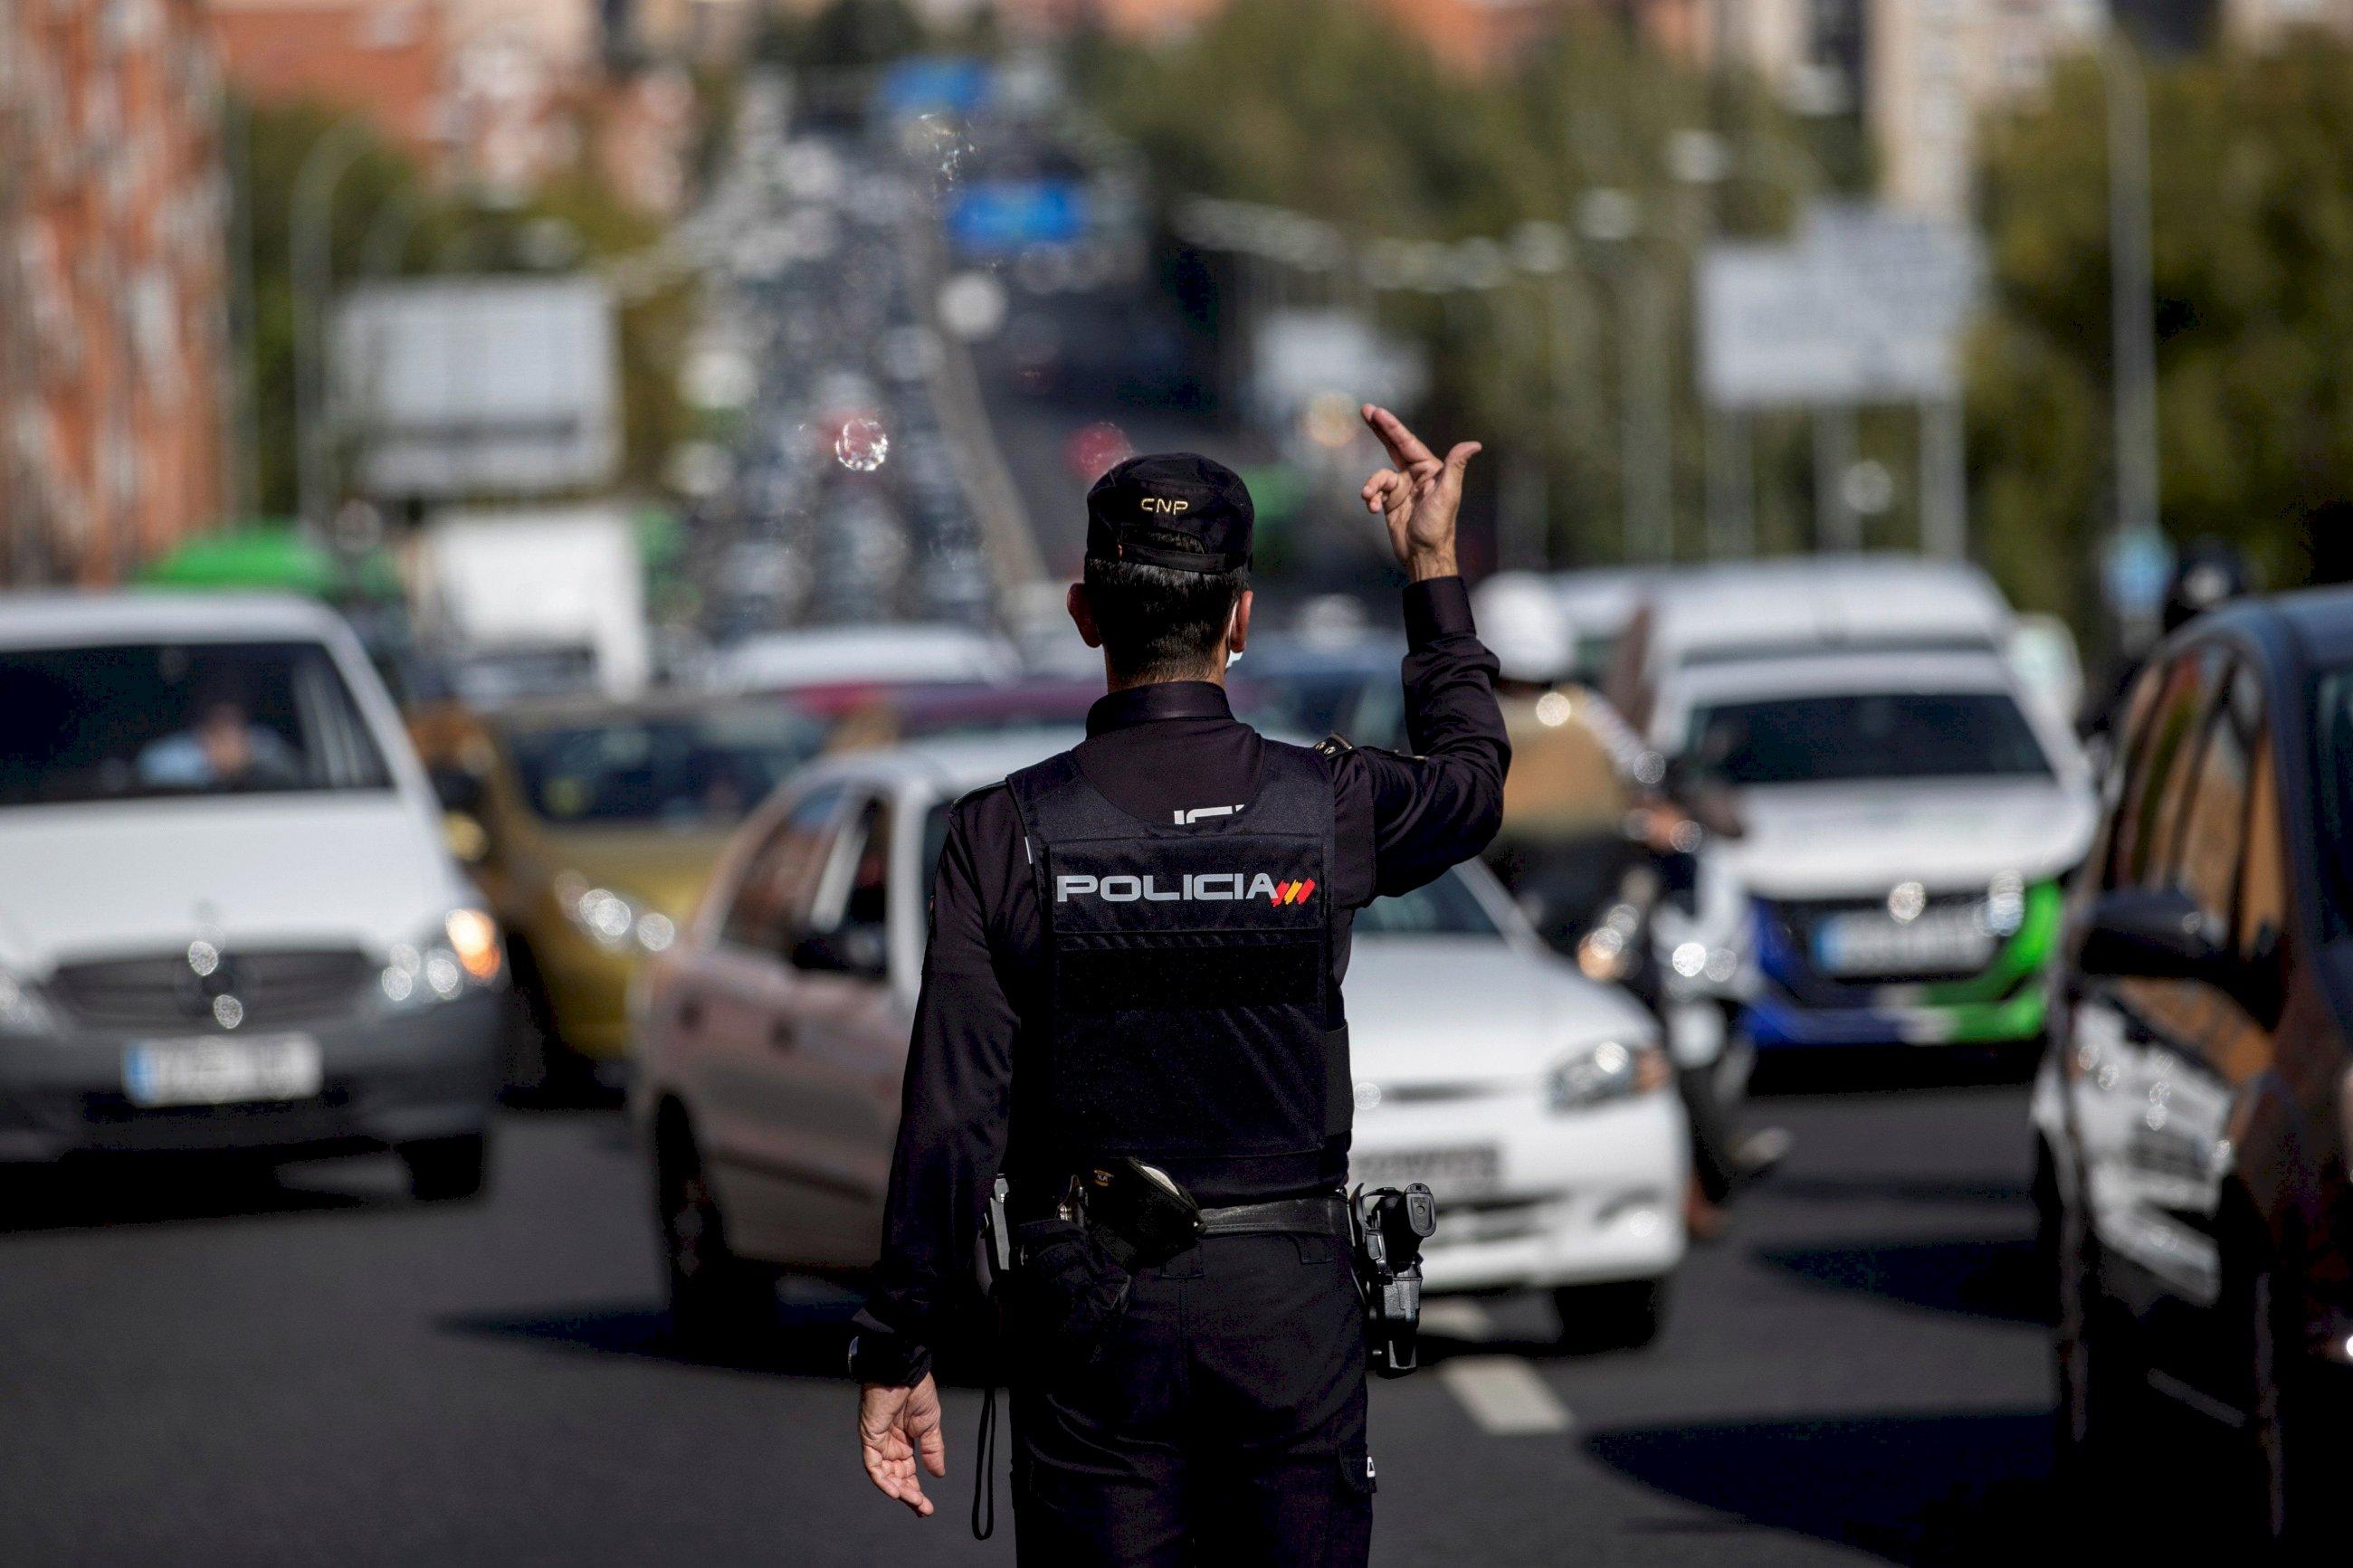 Un agente de la Policía Nacional en un control para vigilar el cumplimiento de las restricciones a la movilidad en Madrid | EFE/RJ/Archivo